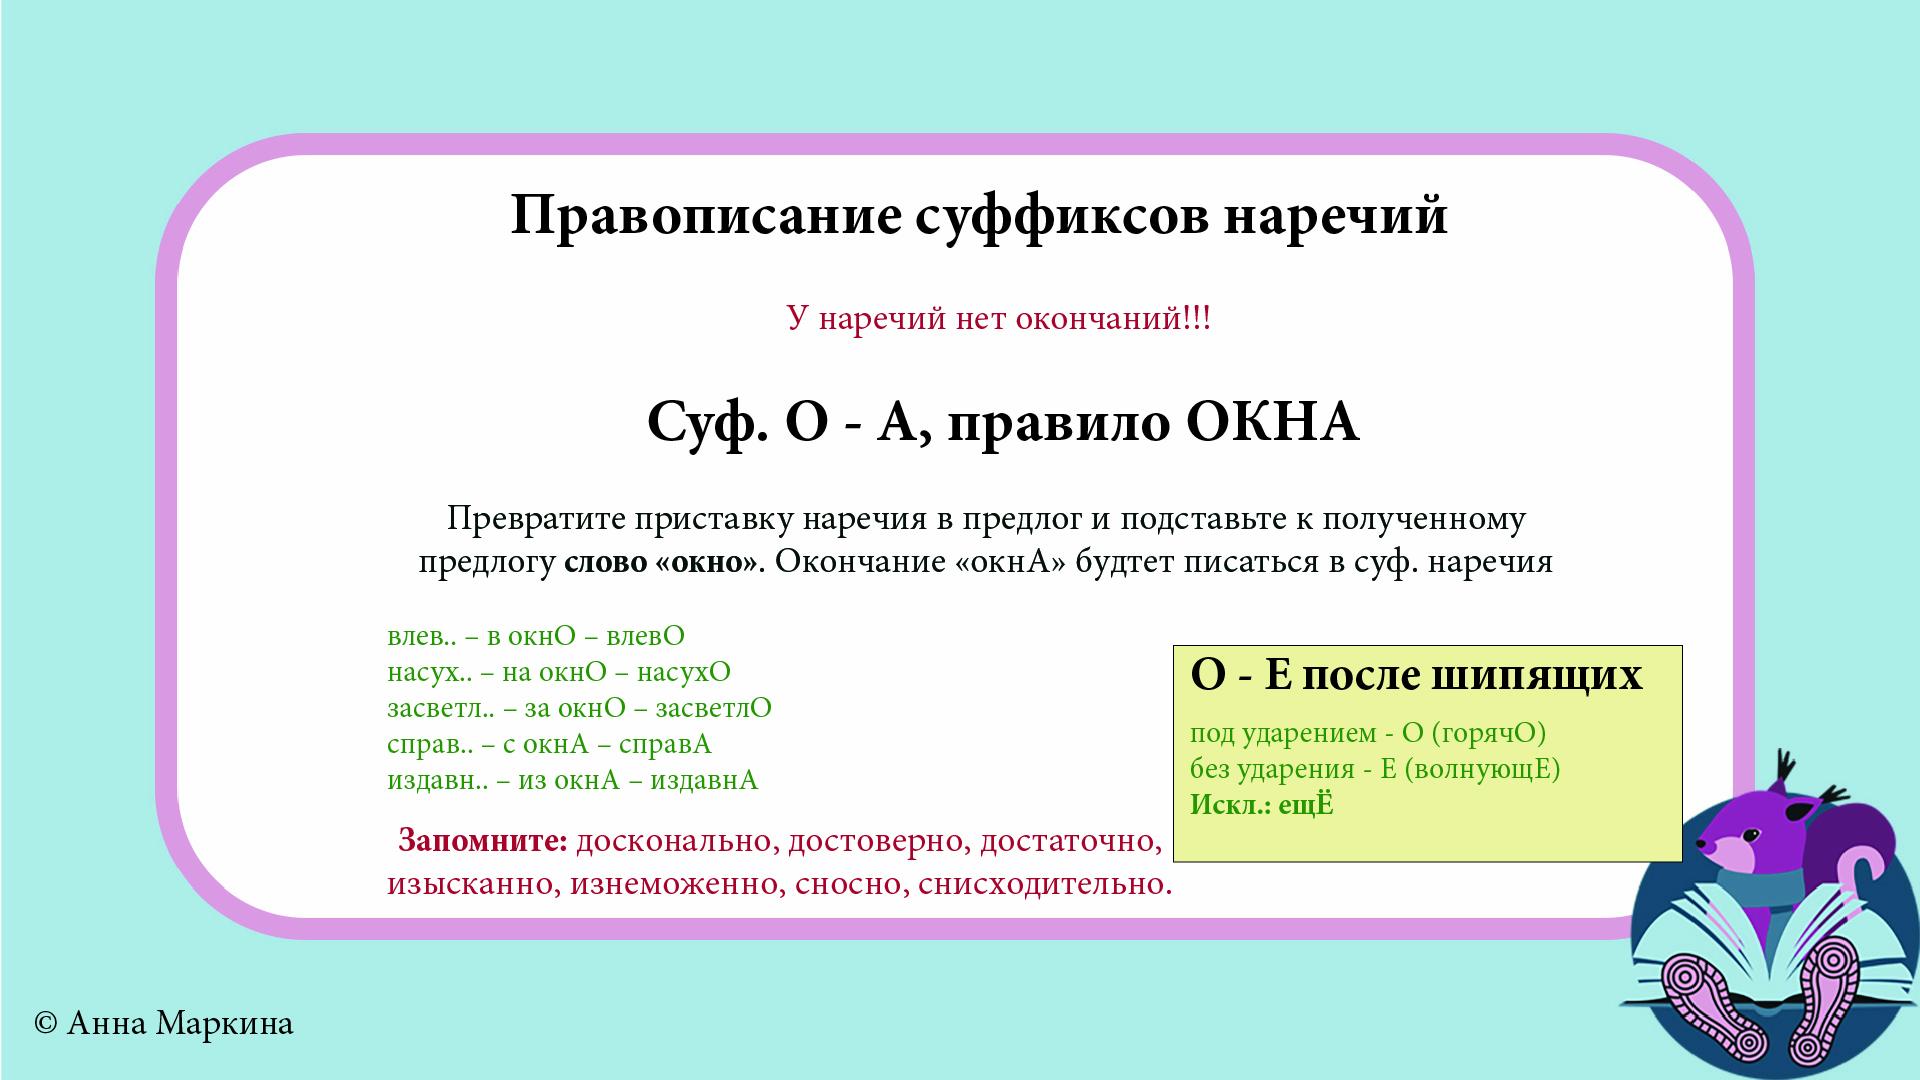 Правописание суффиксов наречий. ЕГЭ русский язык задание 11